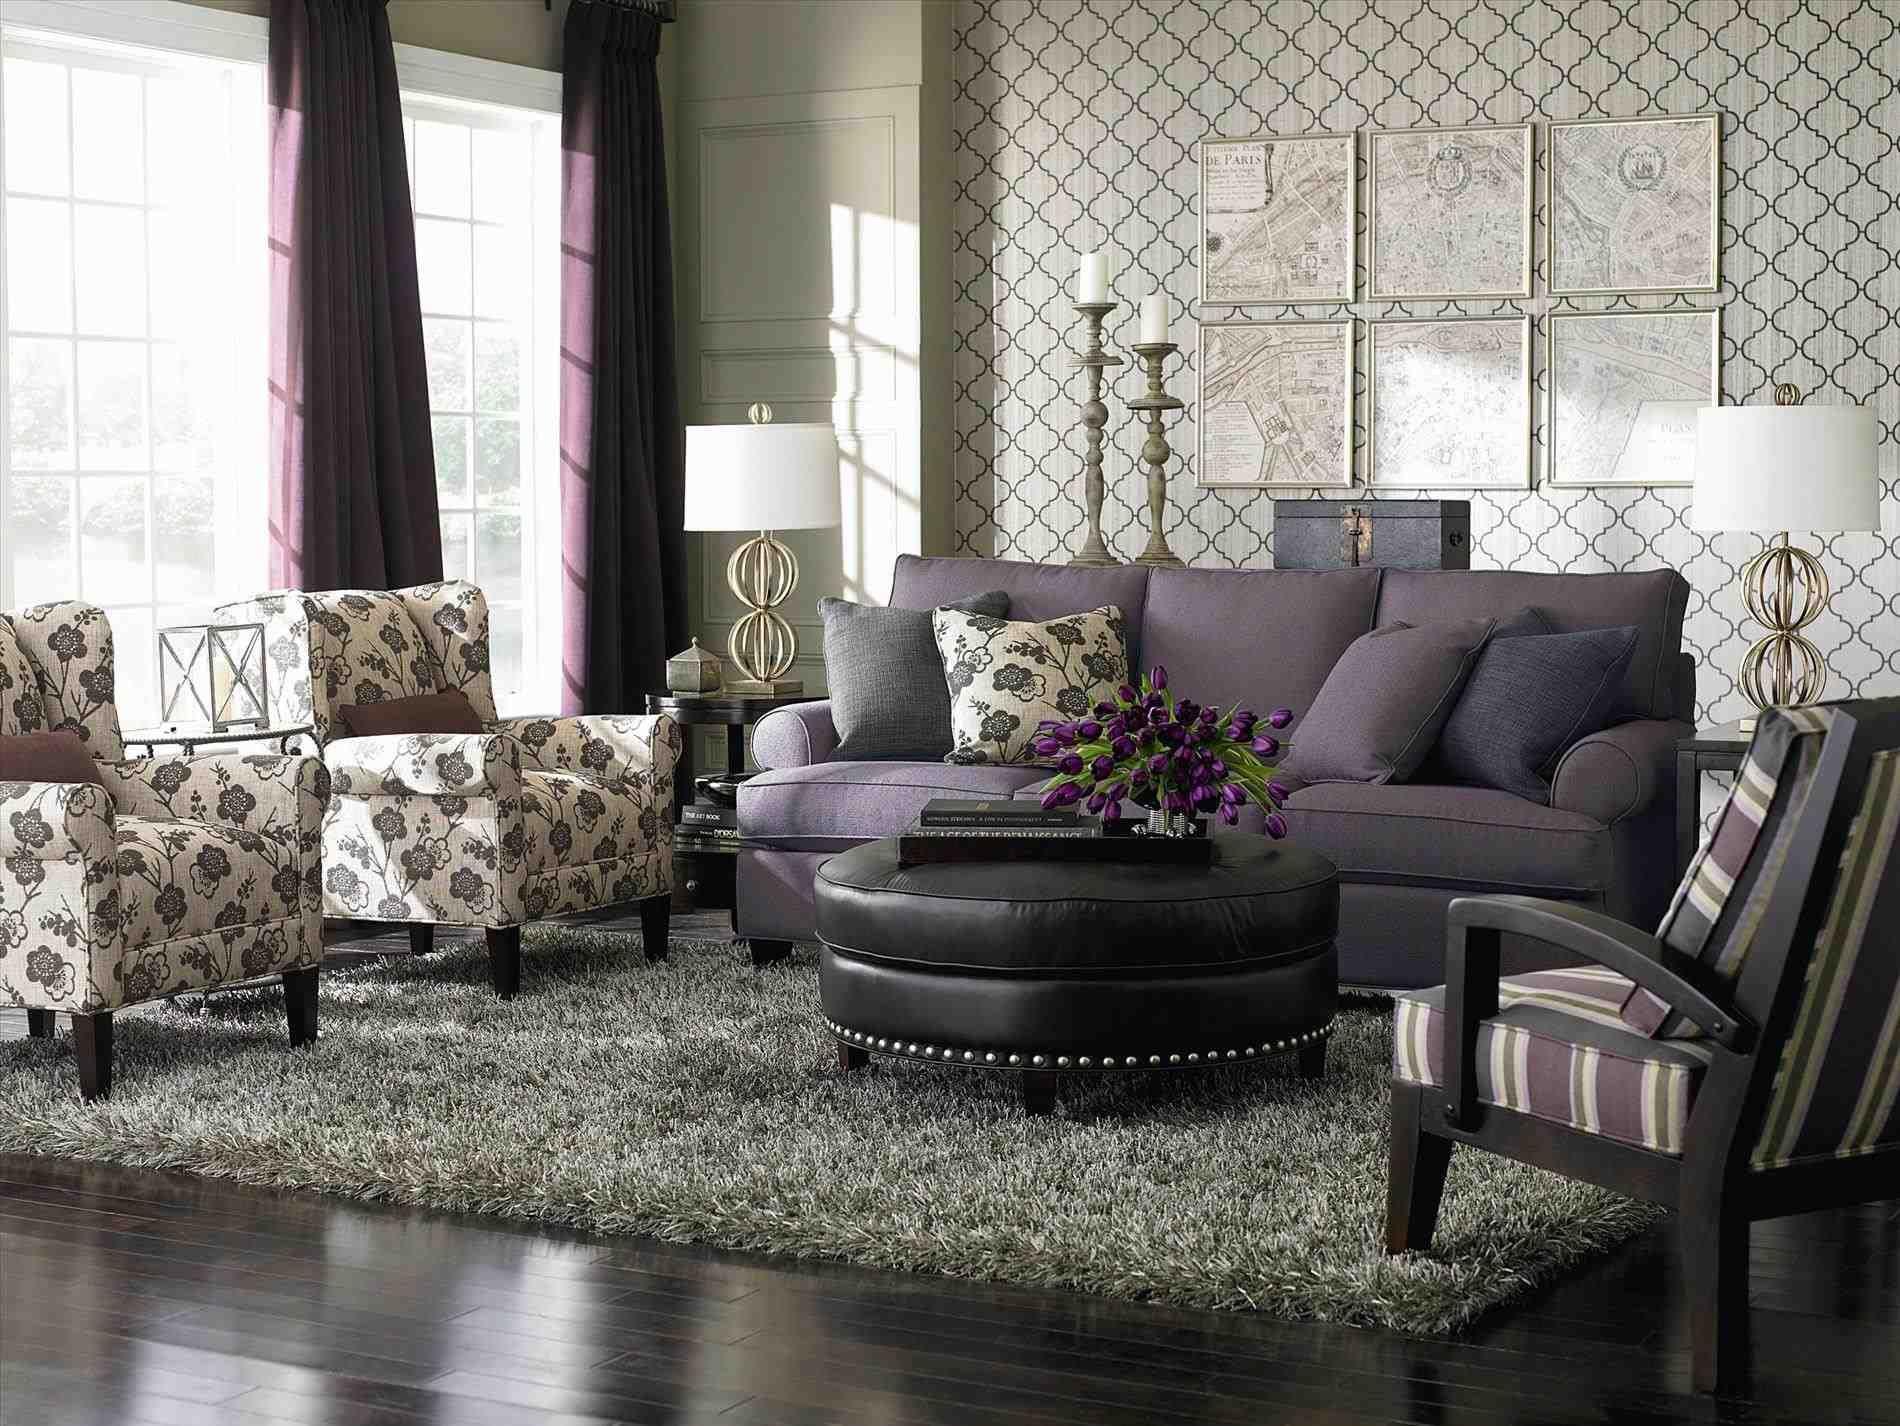 living room furniture dallas tx colors for and kitchen cheap amusing contemporary perfect design classy ideas unique modernova falls